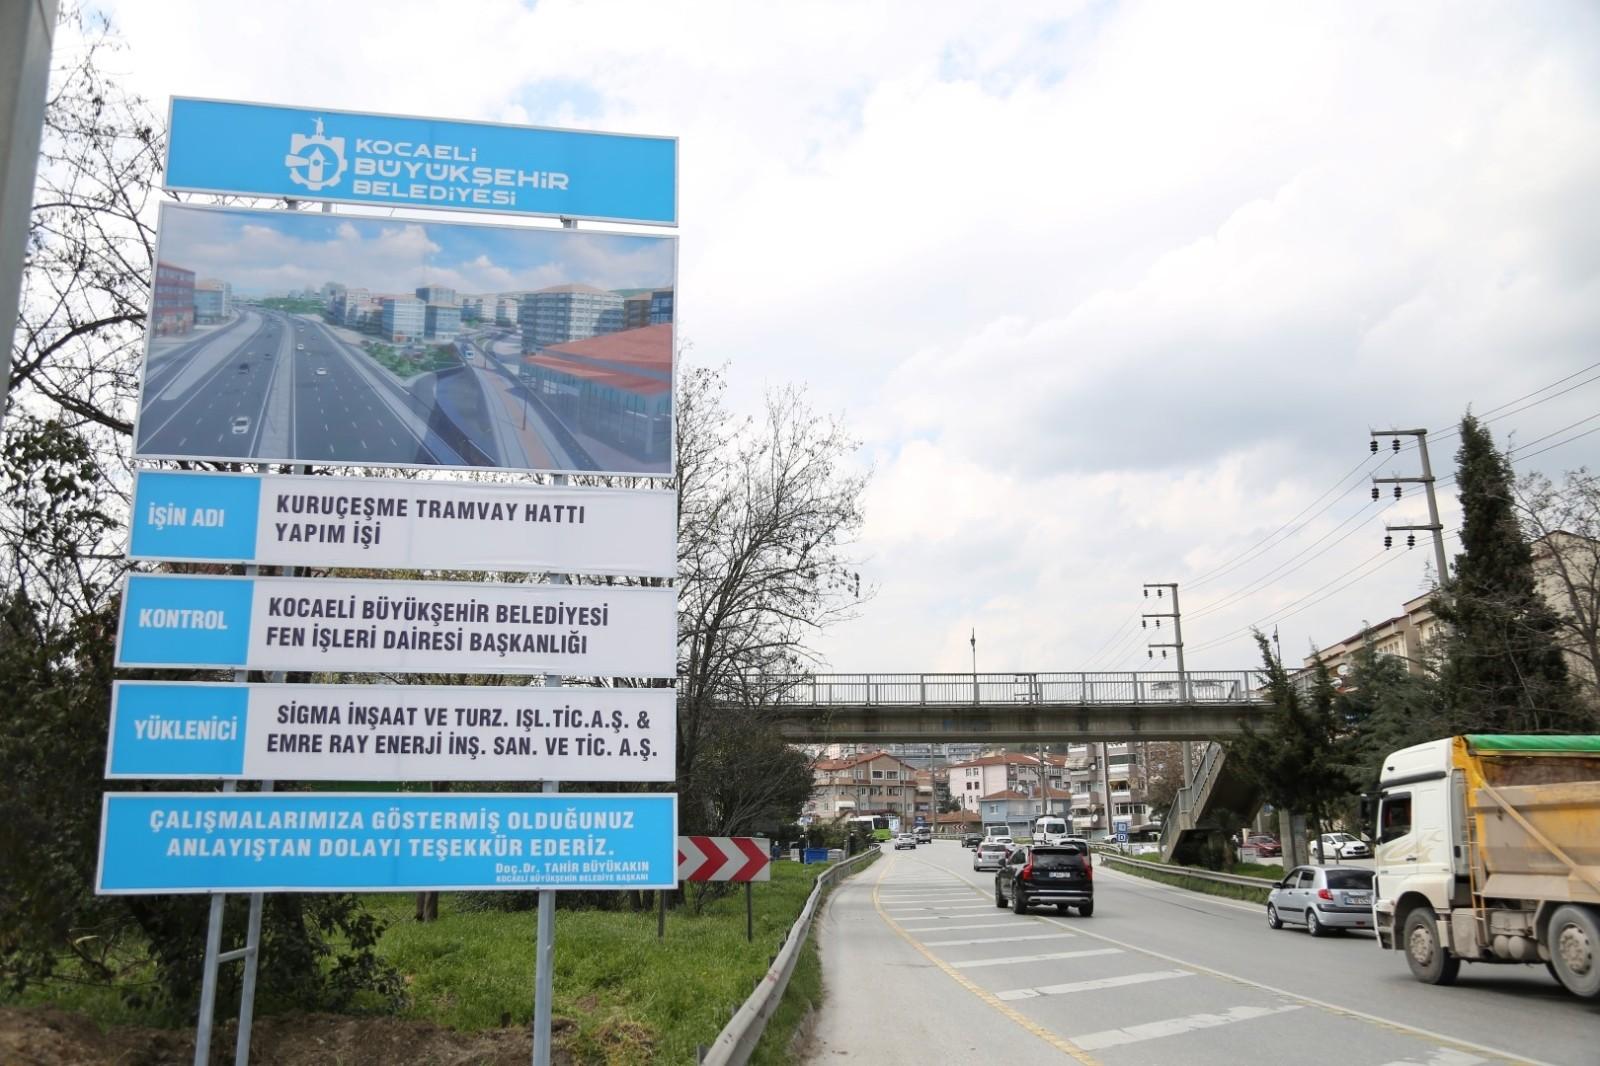 İzmit yeni tramvayına kavuşacak, Kuruçeşme tramvay hattına çalışmalar başladı